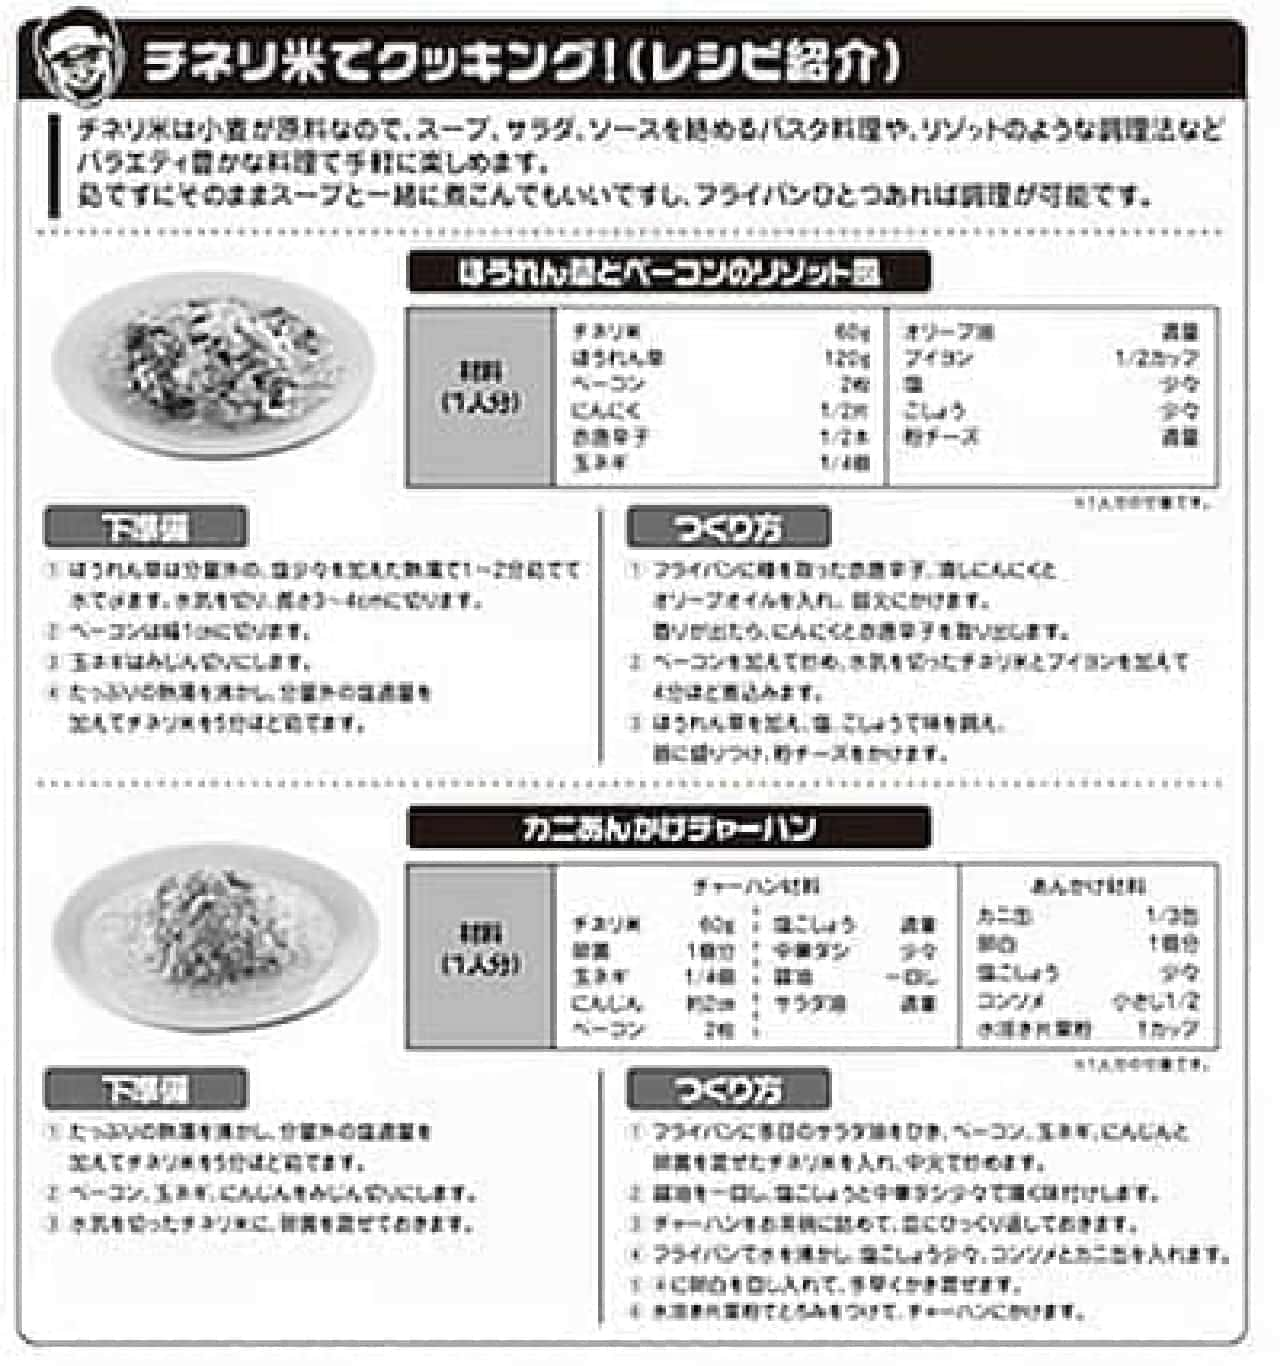 付属のレシピ